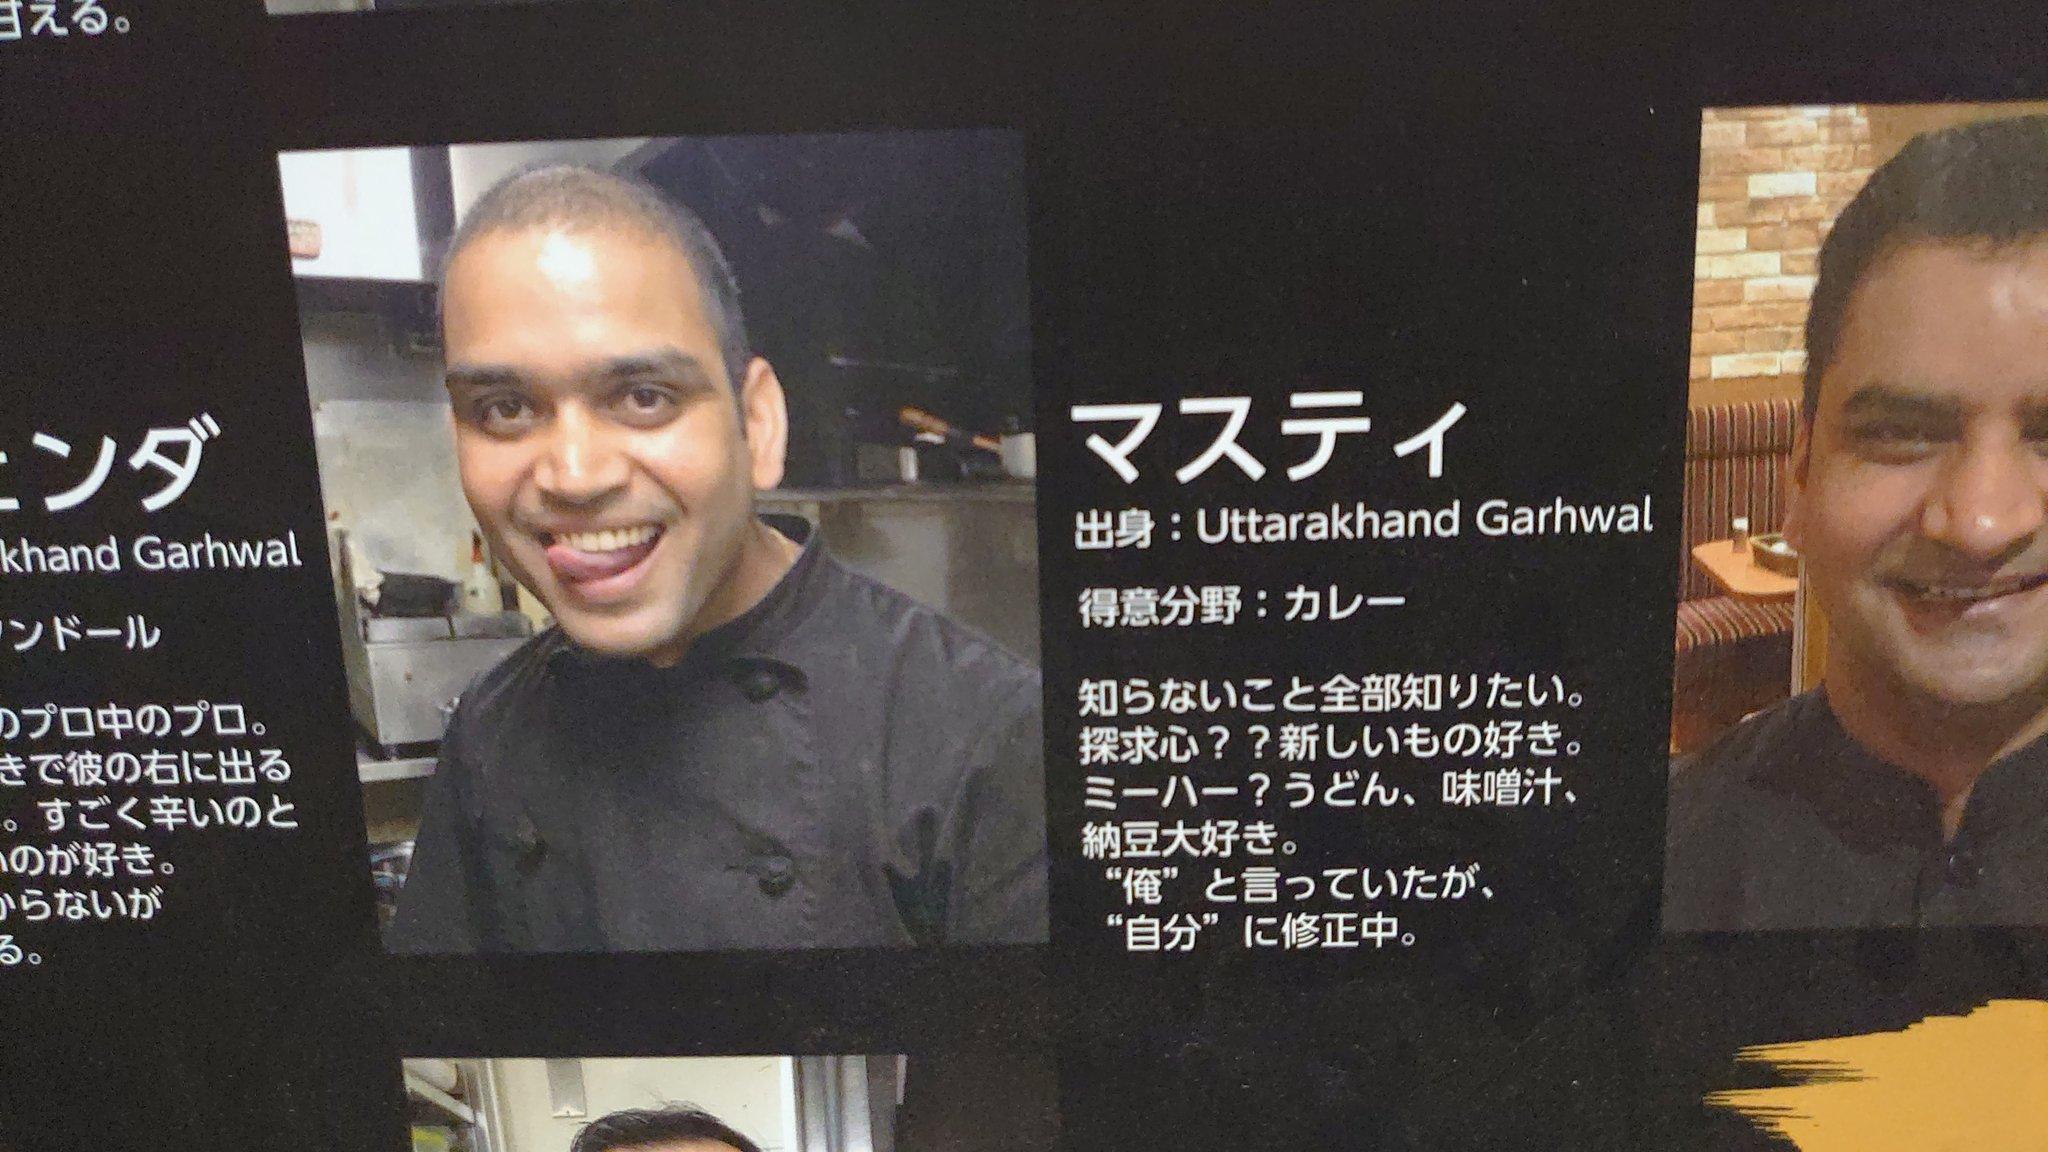 インド料理のお店にあるスタッフ紹介の個性が強すぎてもはや好きすぎるwww